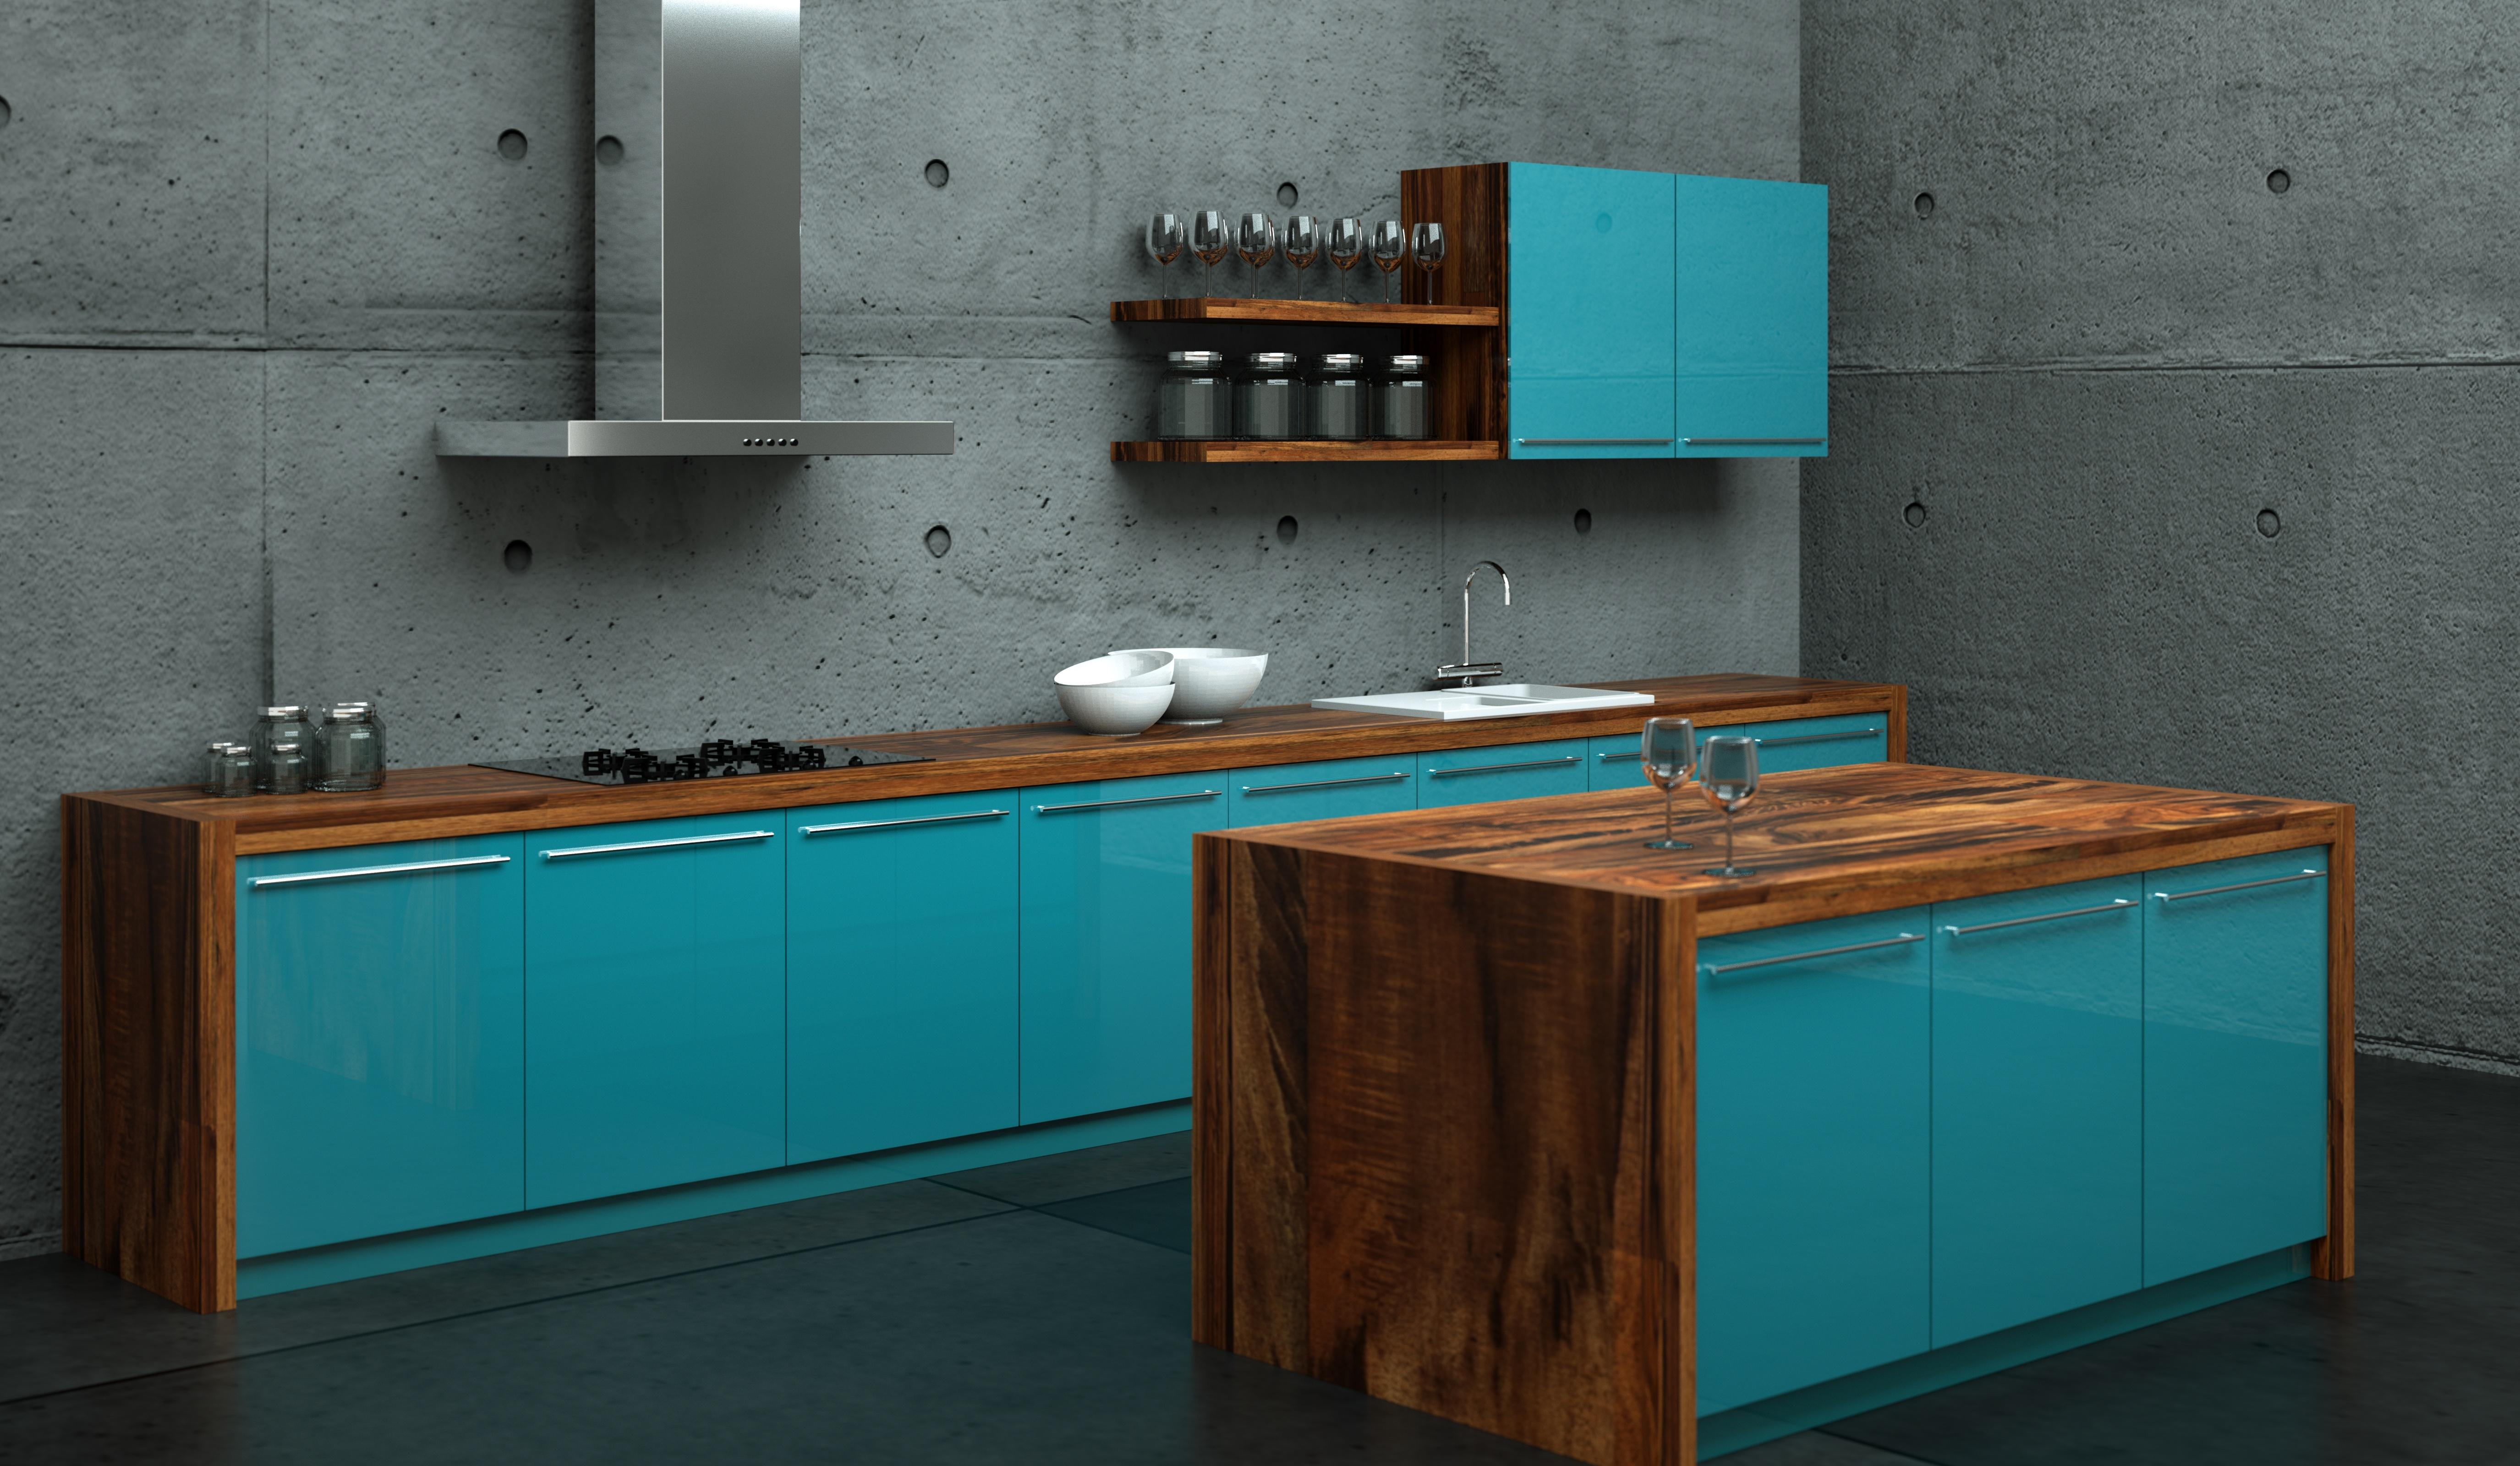 Zelf Oude Keuken Opknappen : keuken vereist vakkundigheid de keuken en badkamer zijn simpel te